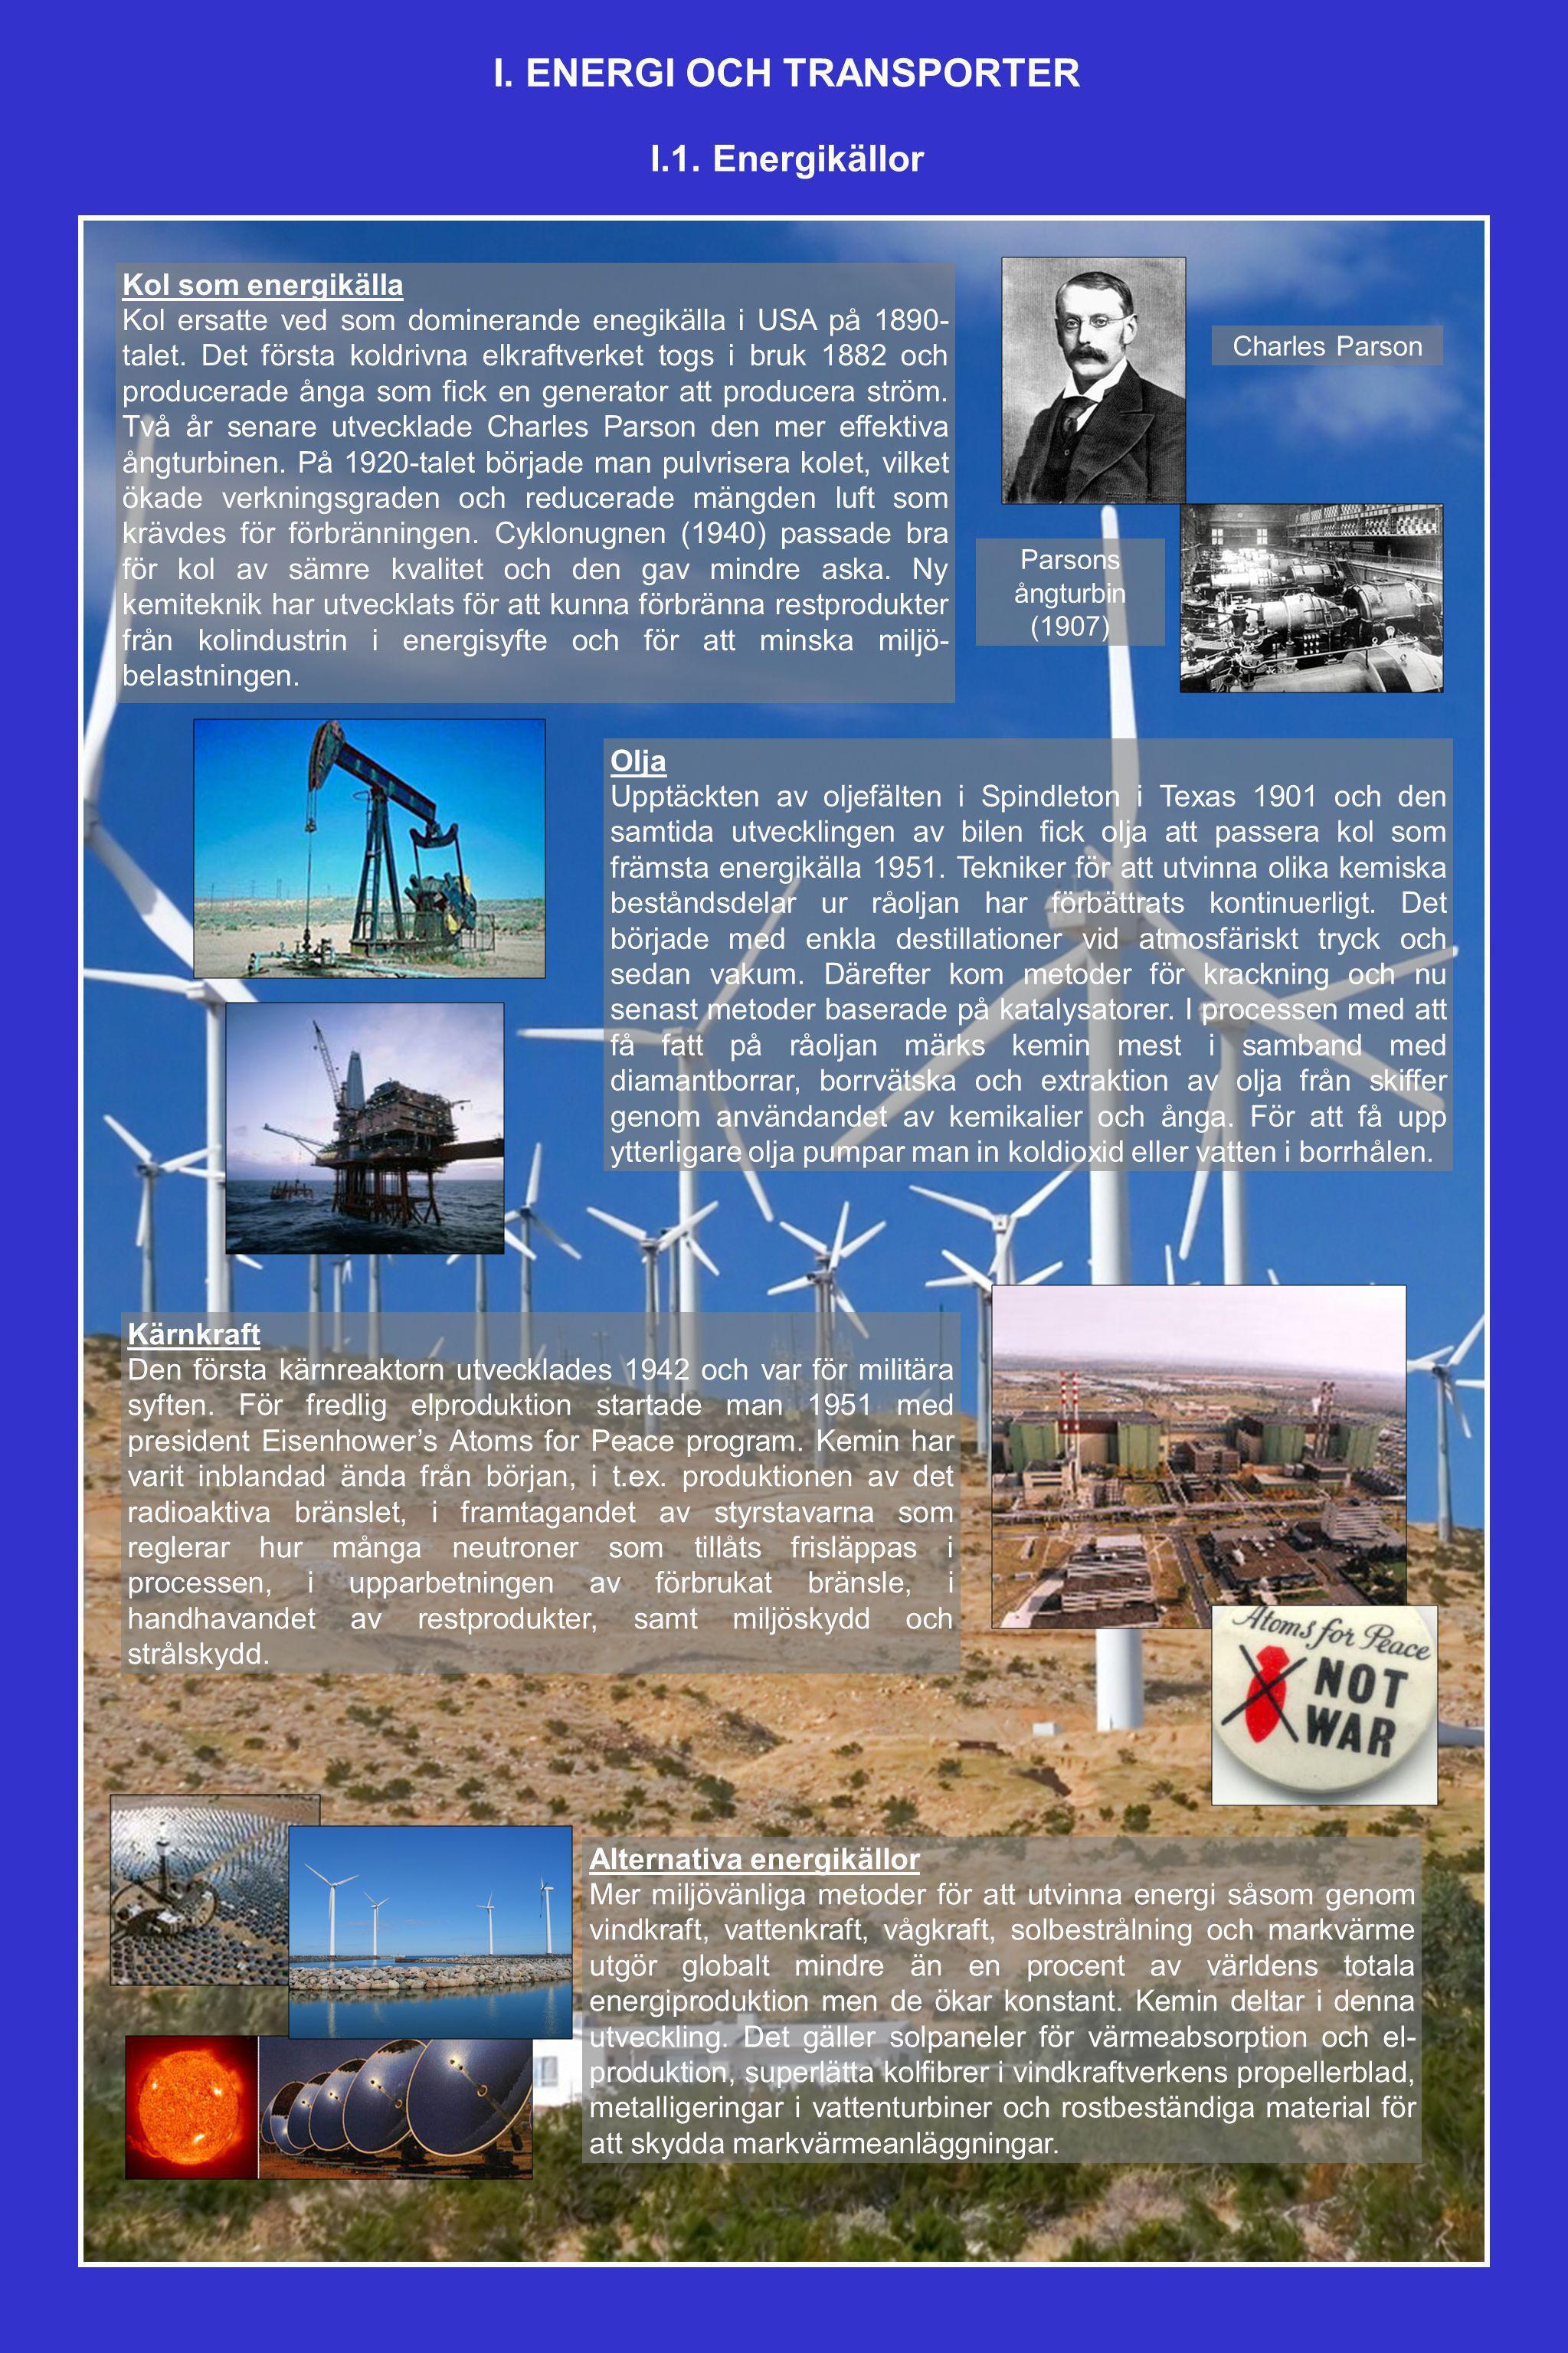 I. ENERGI OCH TRANSPORTER